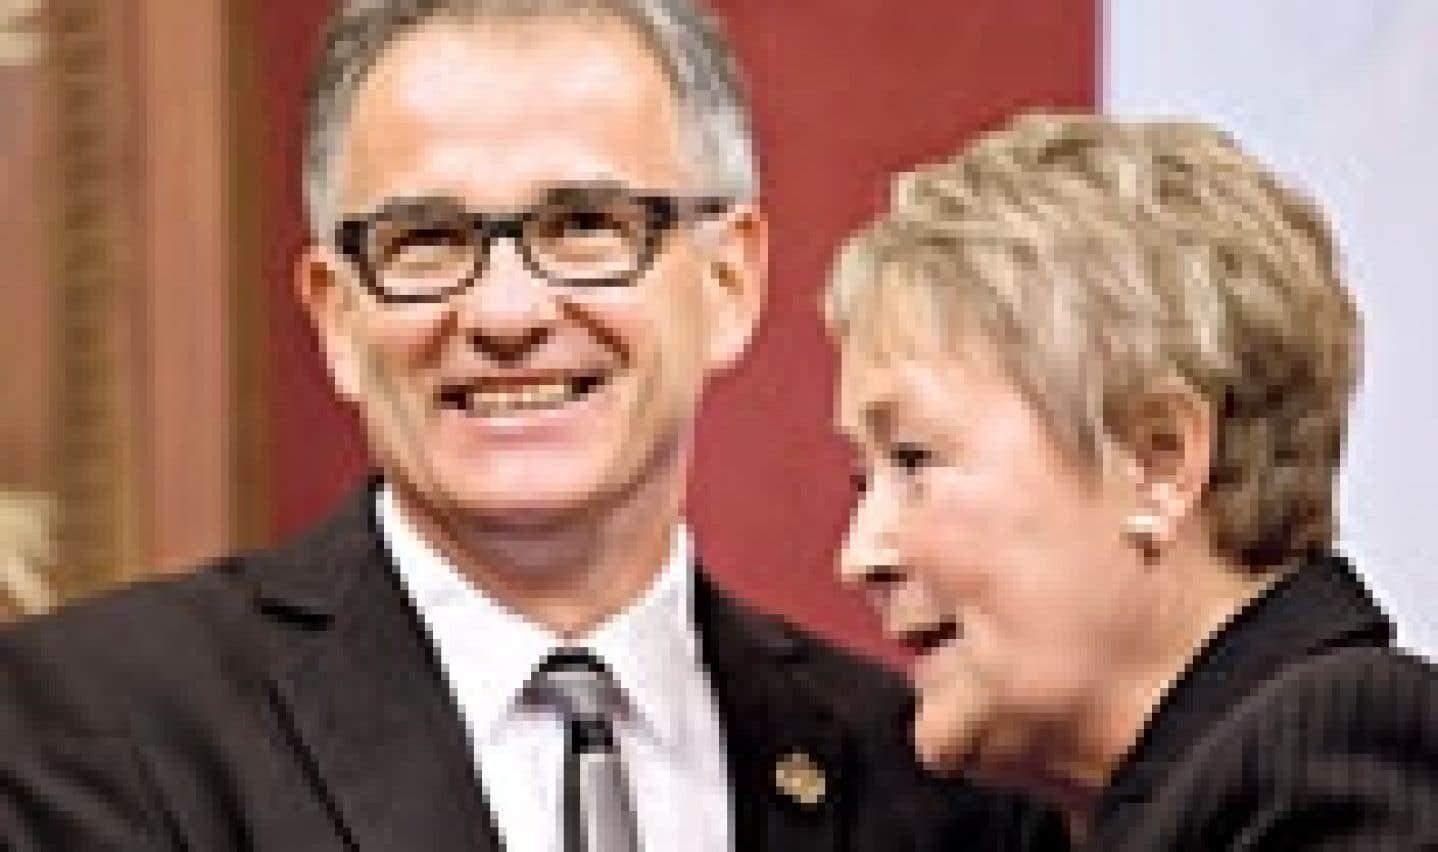 Le Dr Réjean Hébert, ministre de la Santé dans le cabinet de la première ministre Pauline Marois, lancera en 2013 une politique ciblant la prévention en santé et les maladies chroniques.